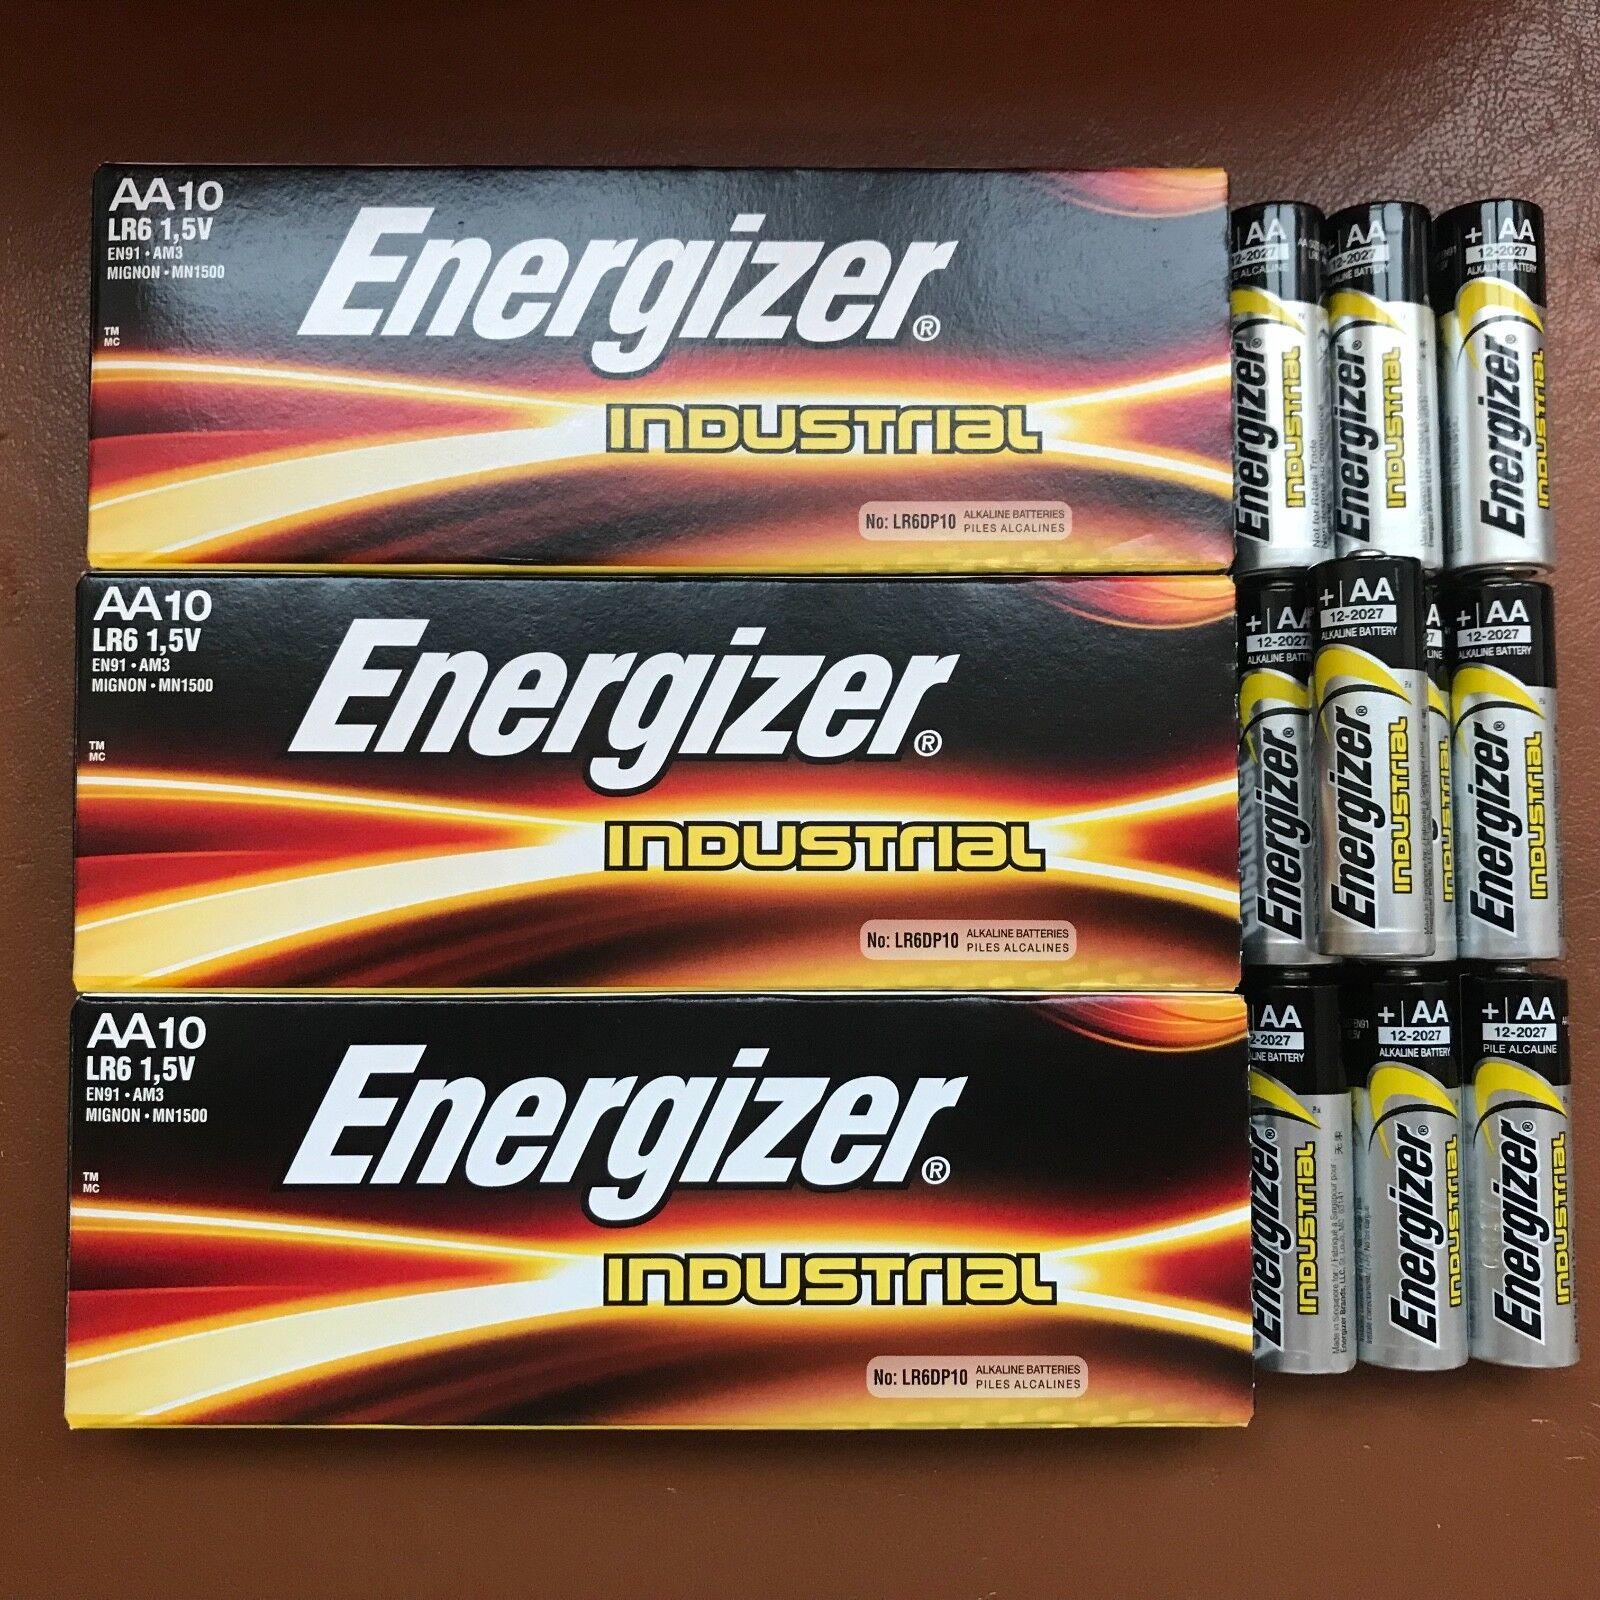 30 X Energizer Aa Industriell Batterien LR6 Alkalisch Langlebig 1.5 V Batterie